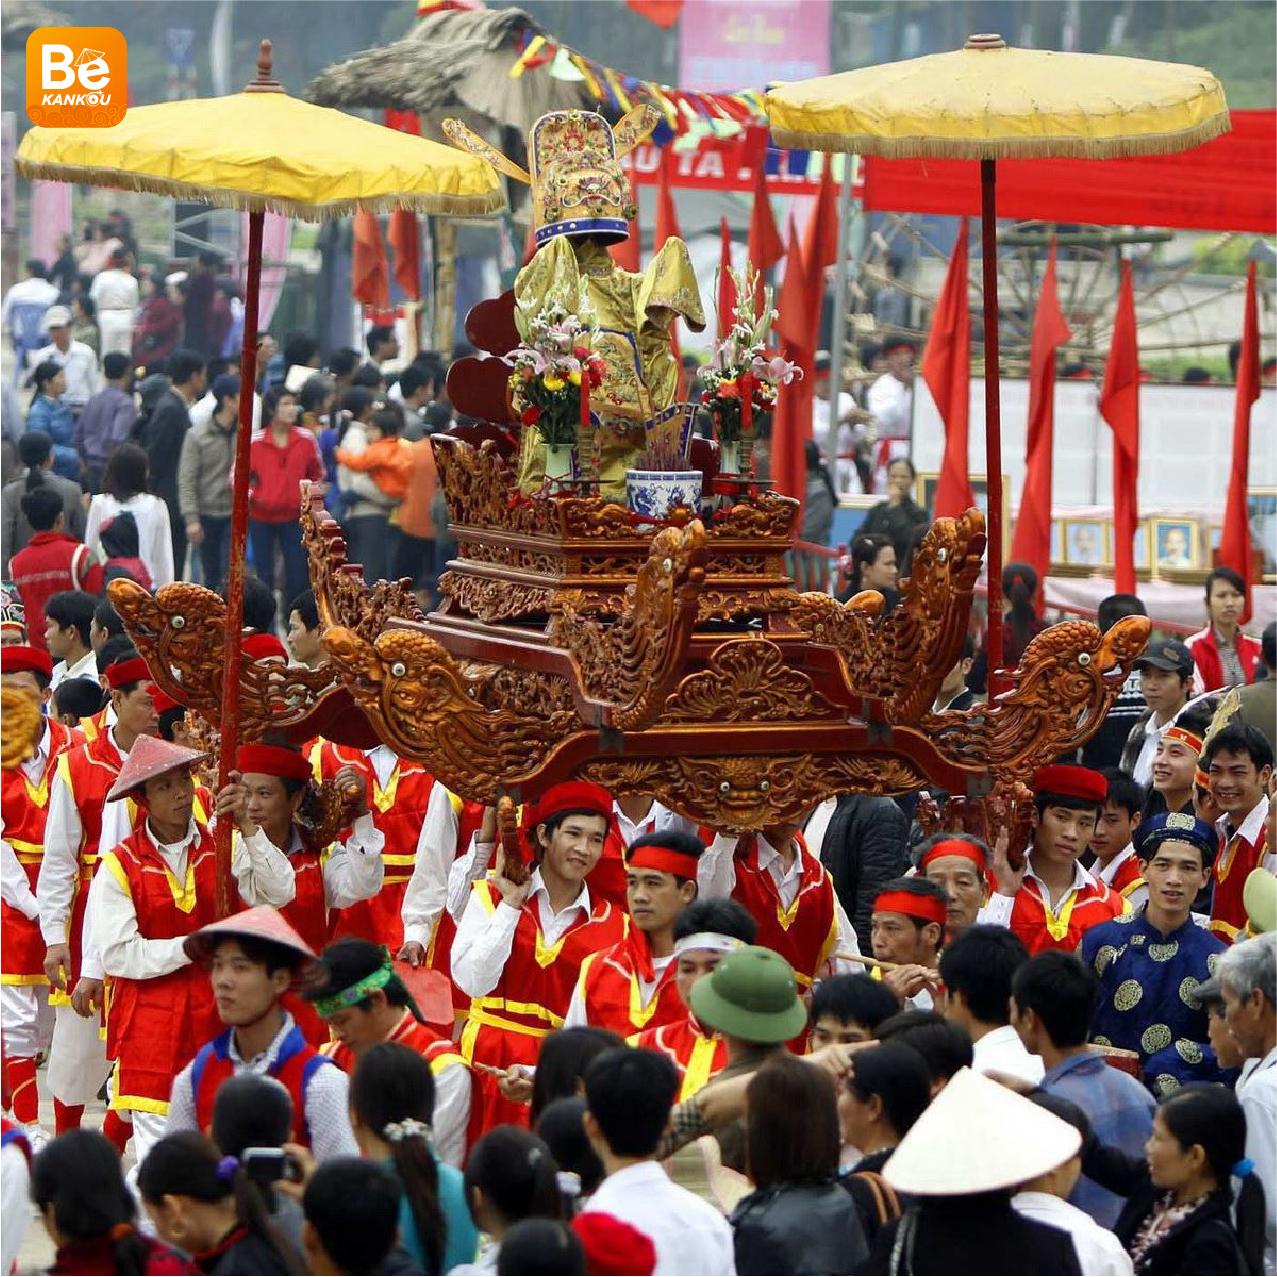 ユネスコに認定されているベトナムの世界遺産一覧